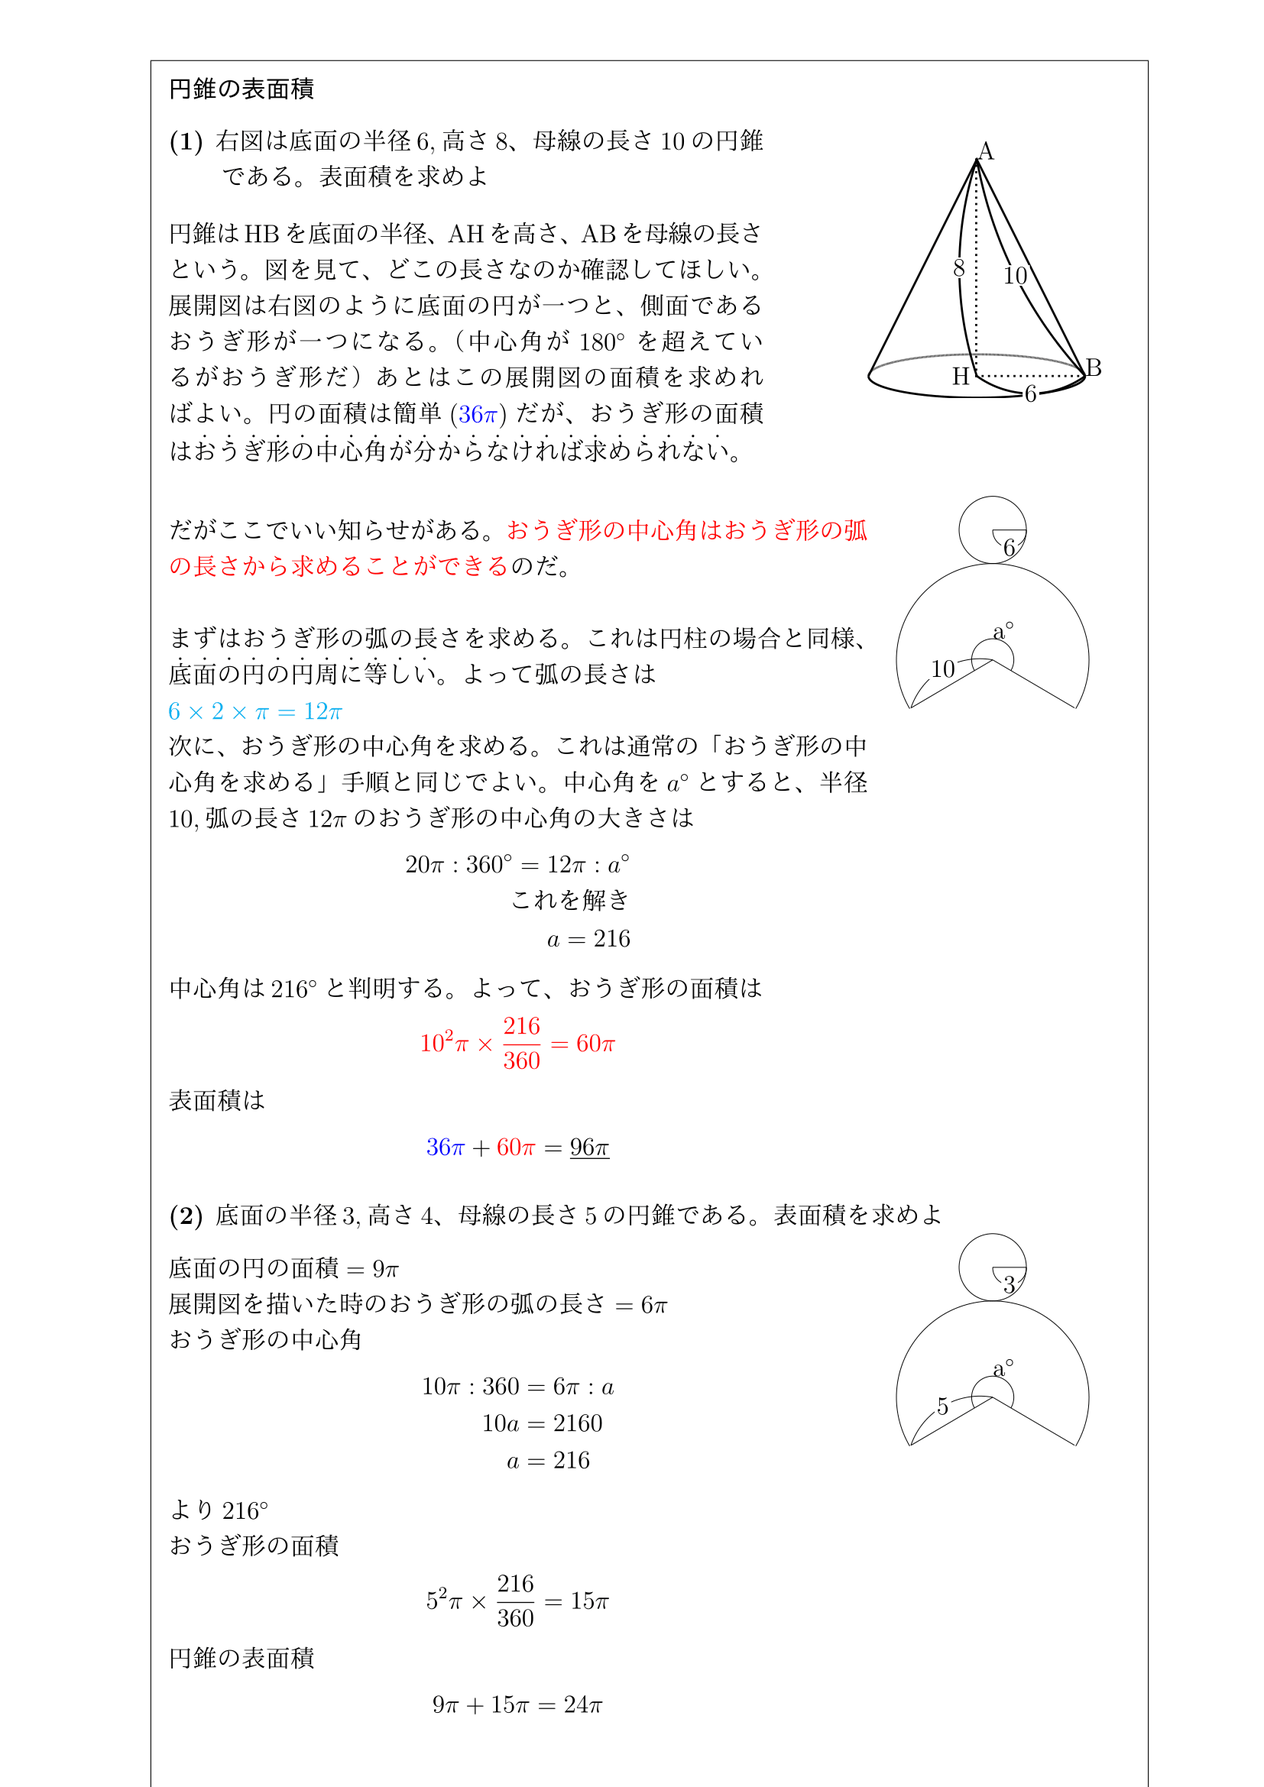 円錐の表面積を中心角を用いて求める